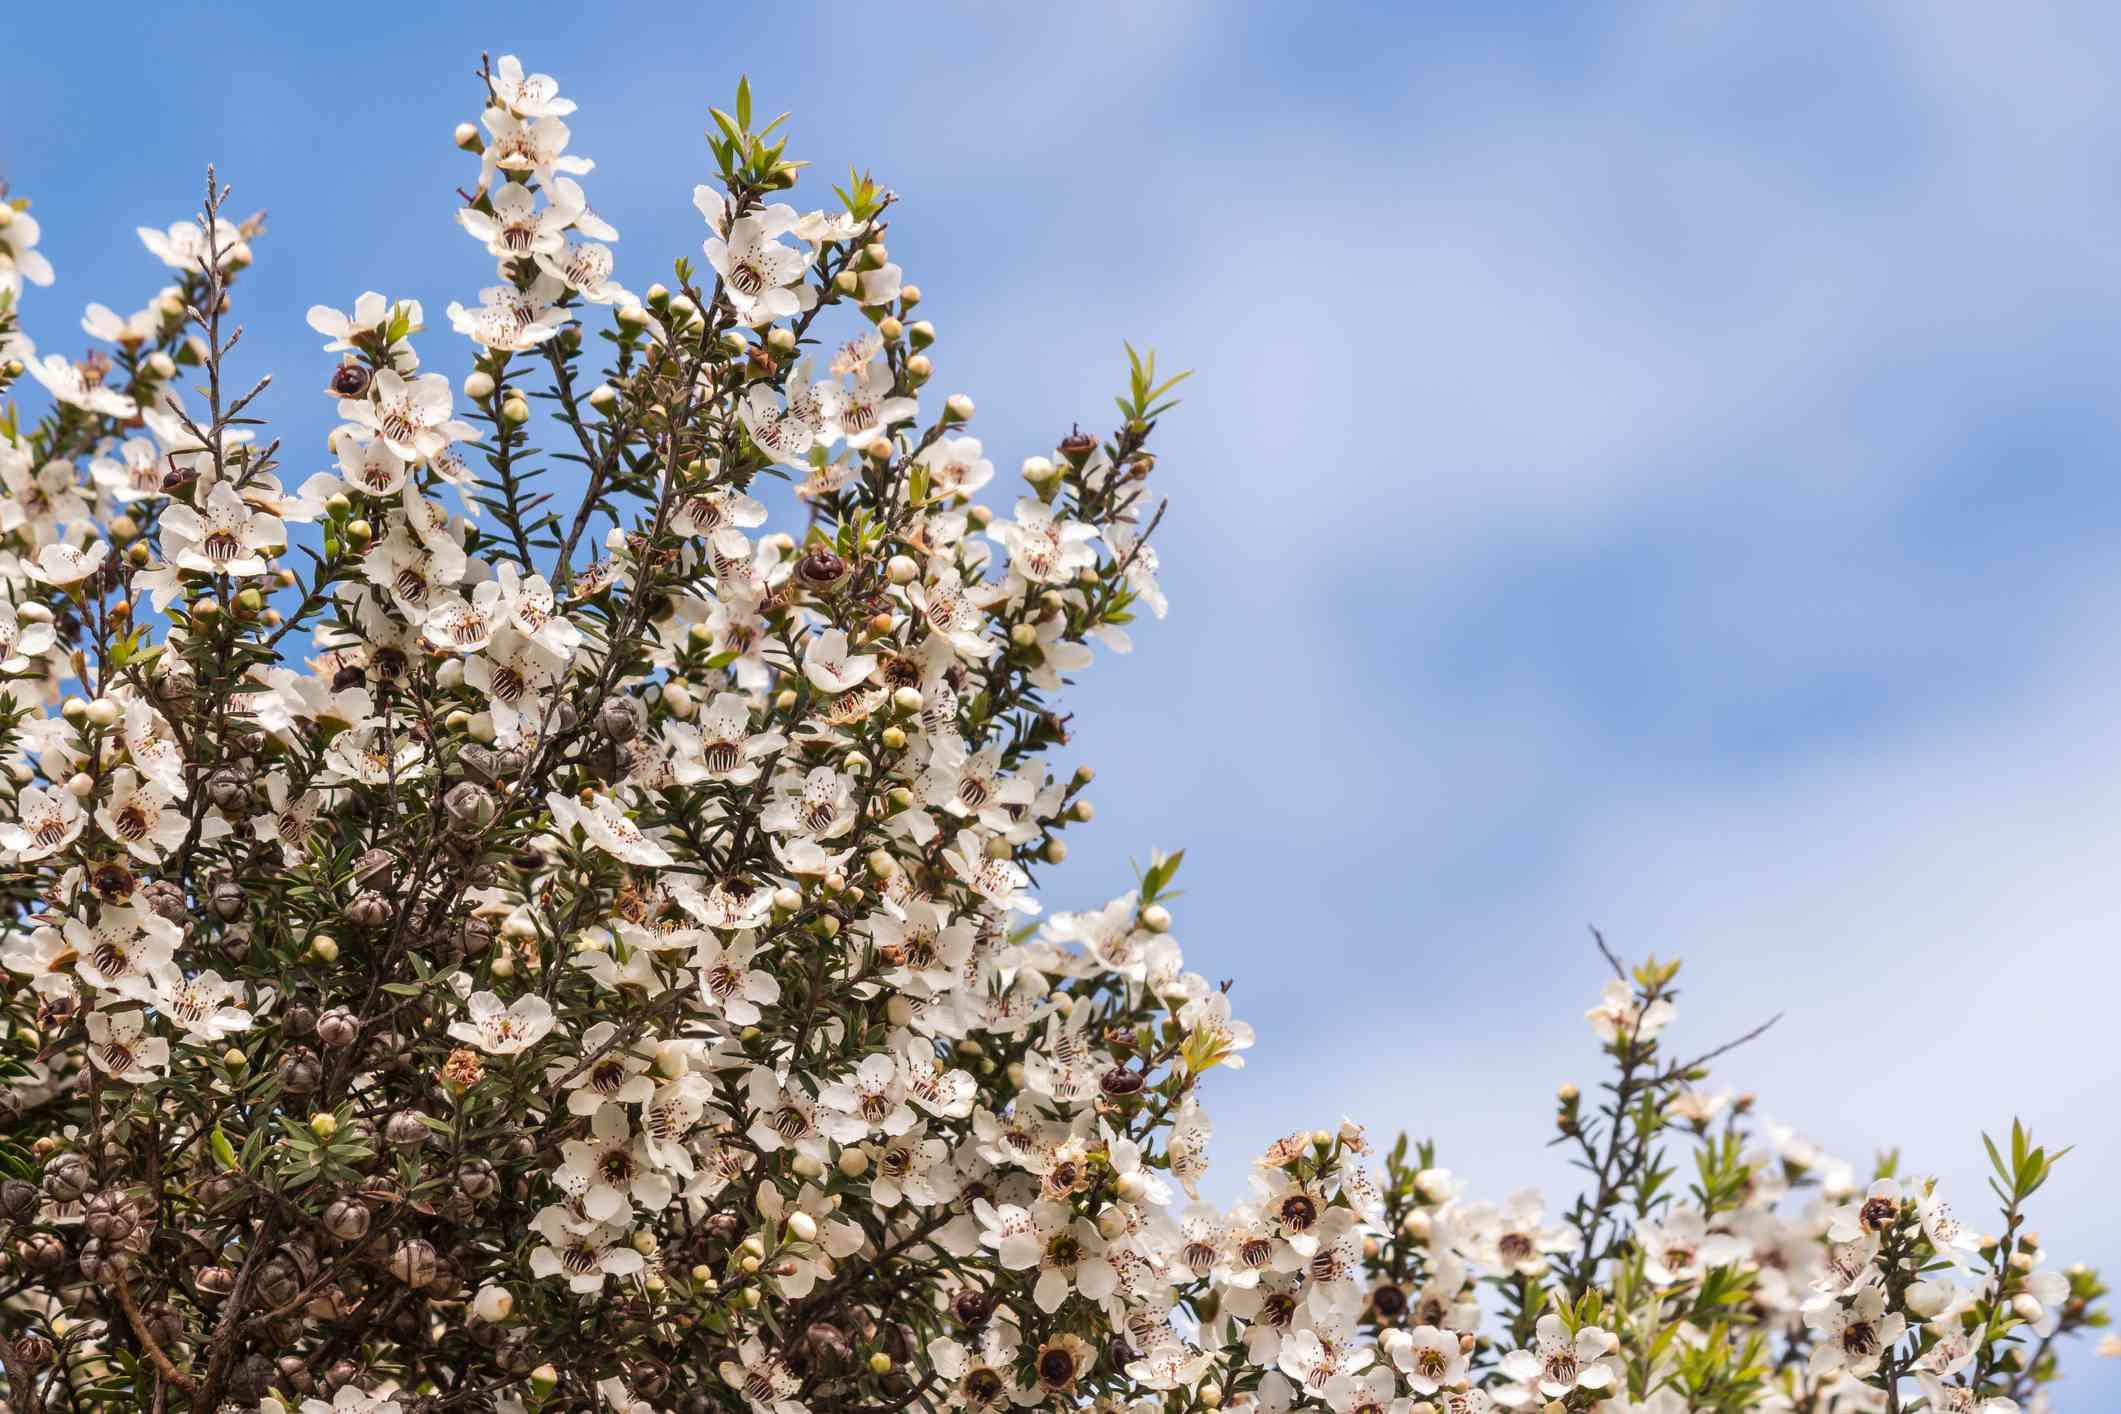 flores de árbol de manuka blancas contra el cielo azul con copia espacio arriba